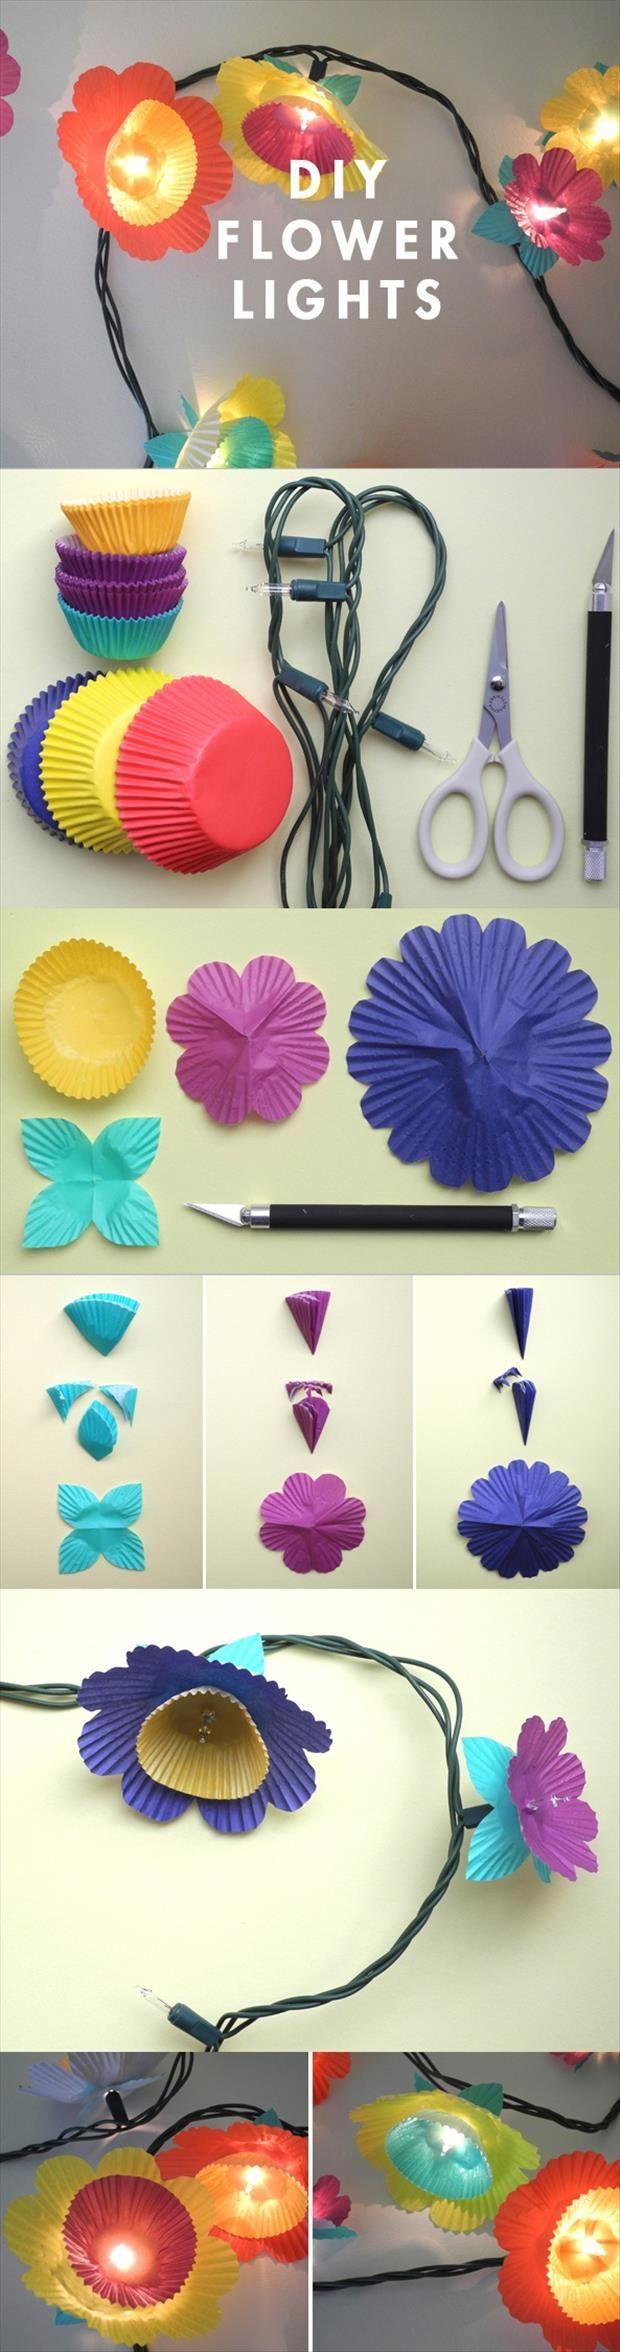 DIY Craft ideas (7)